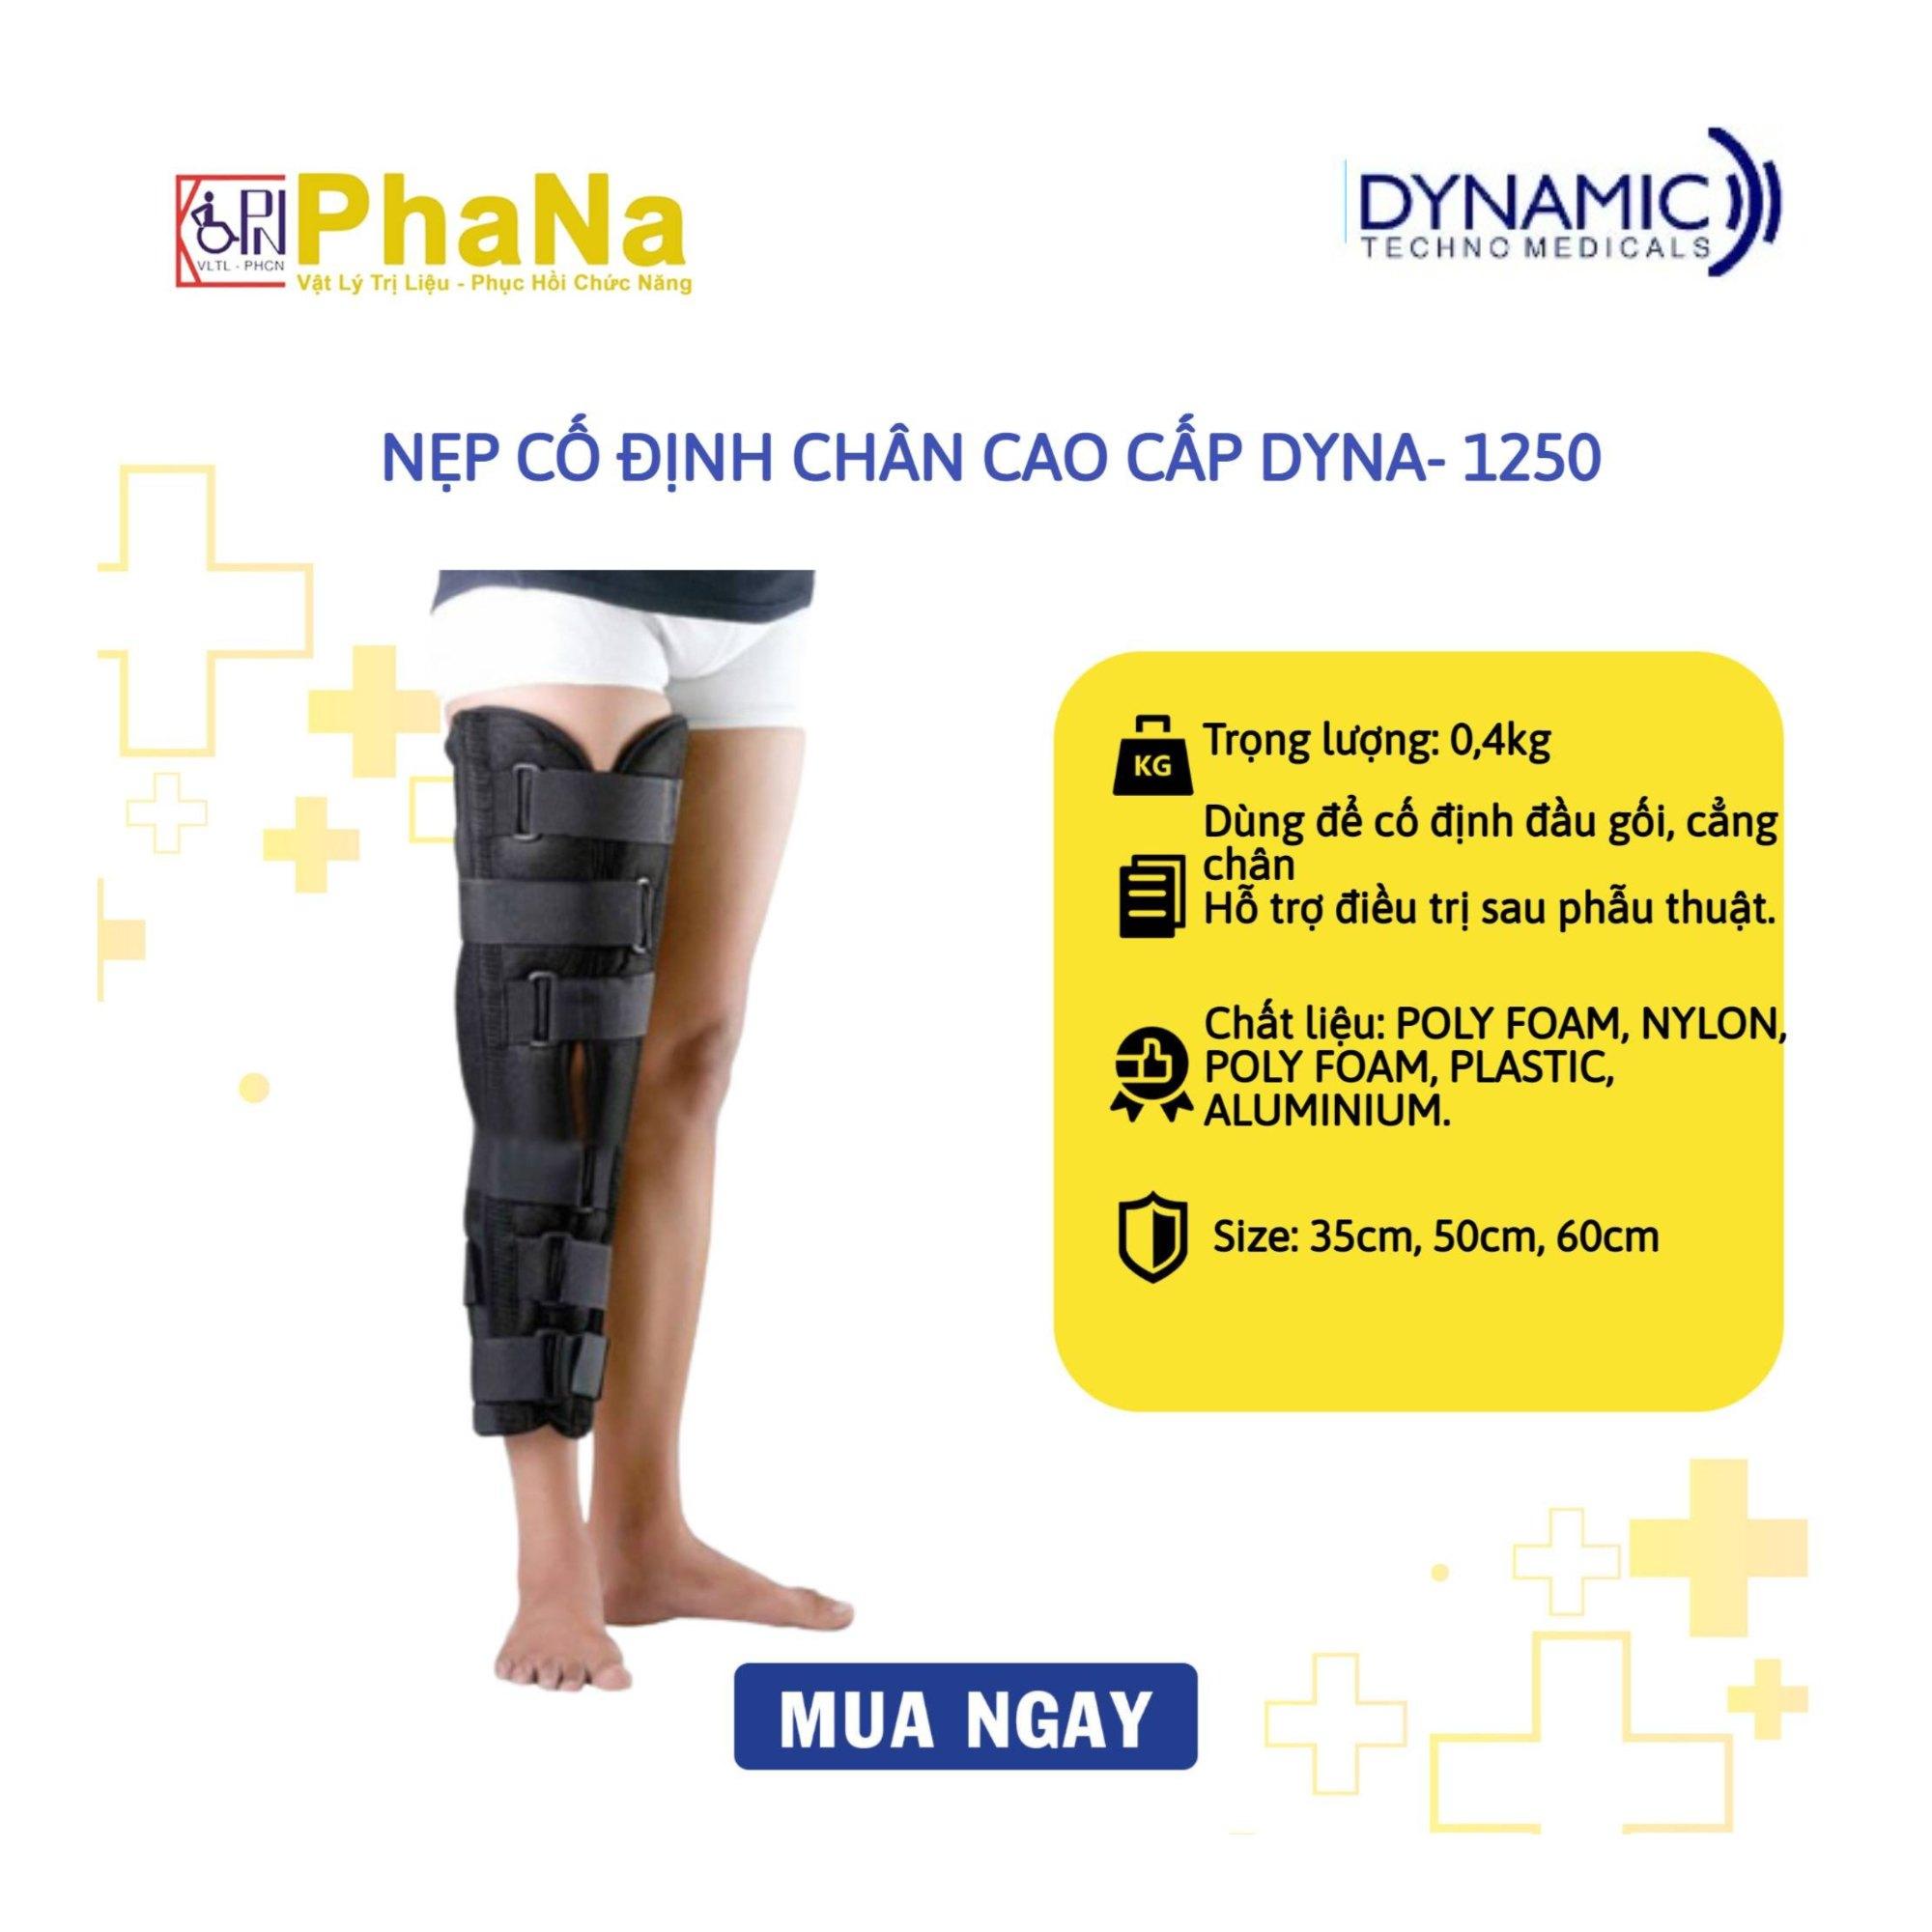 Nẹp cố định chân cao cấp Dyna Deluxe - 1250